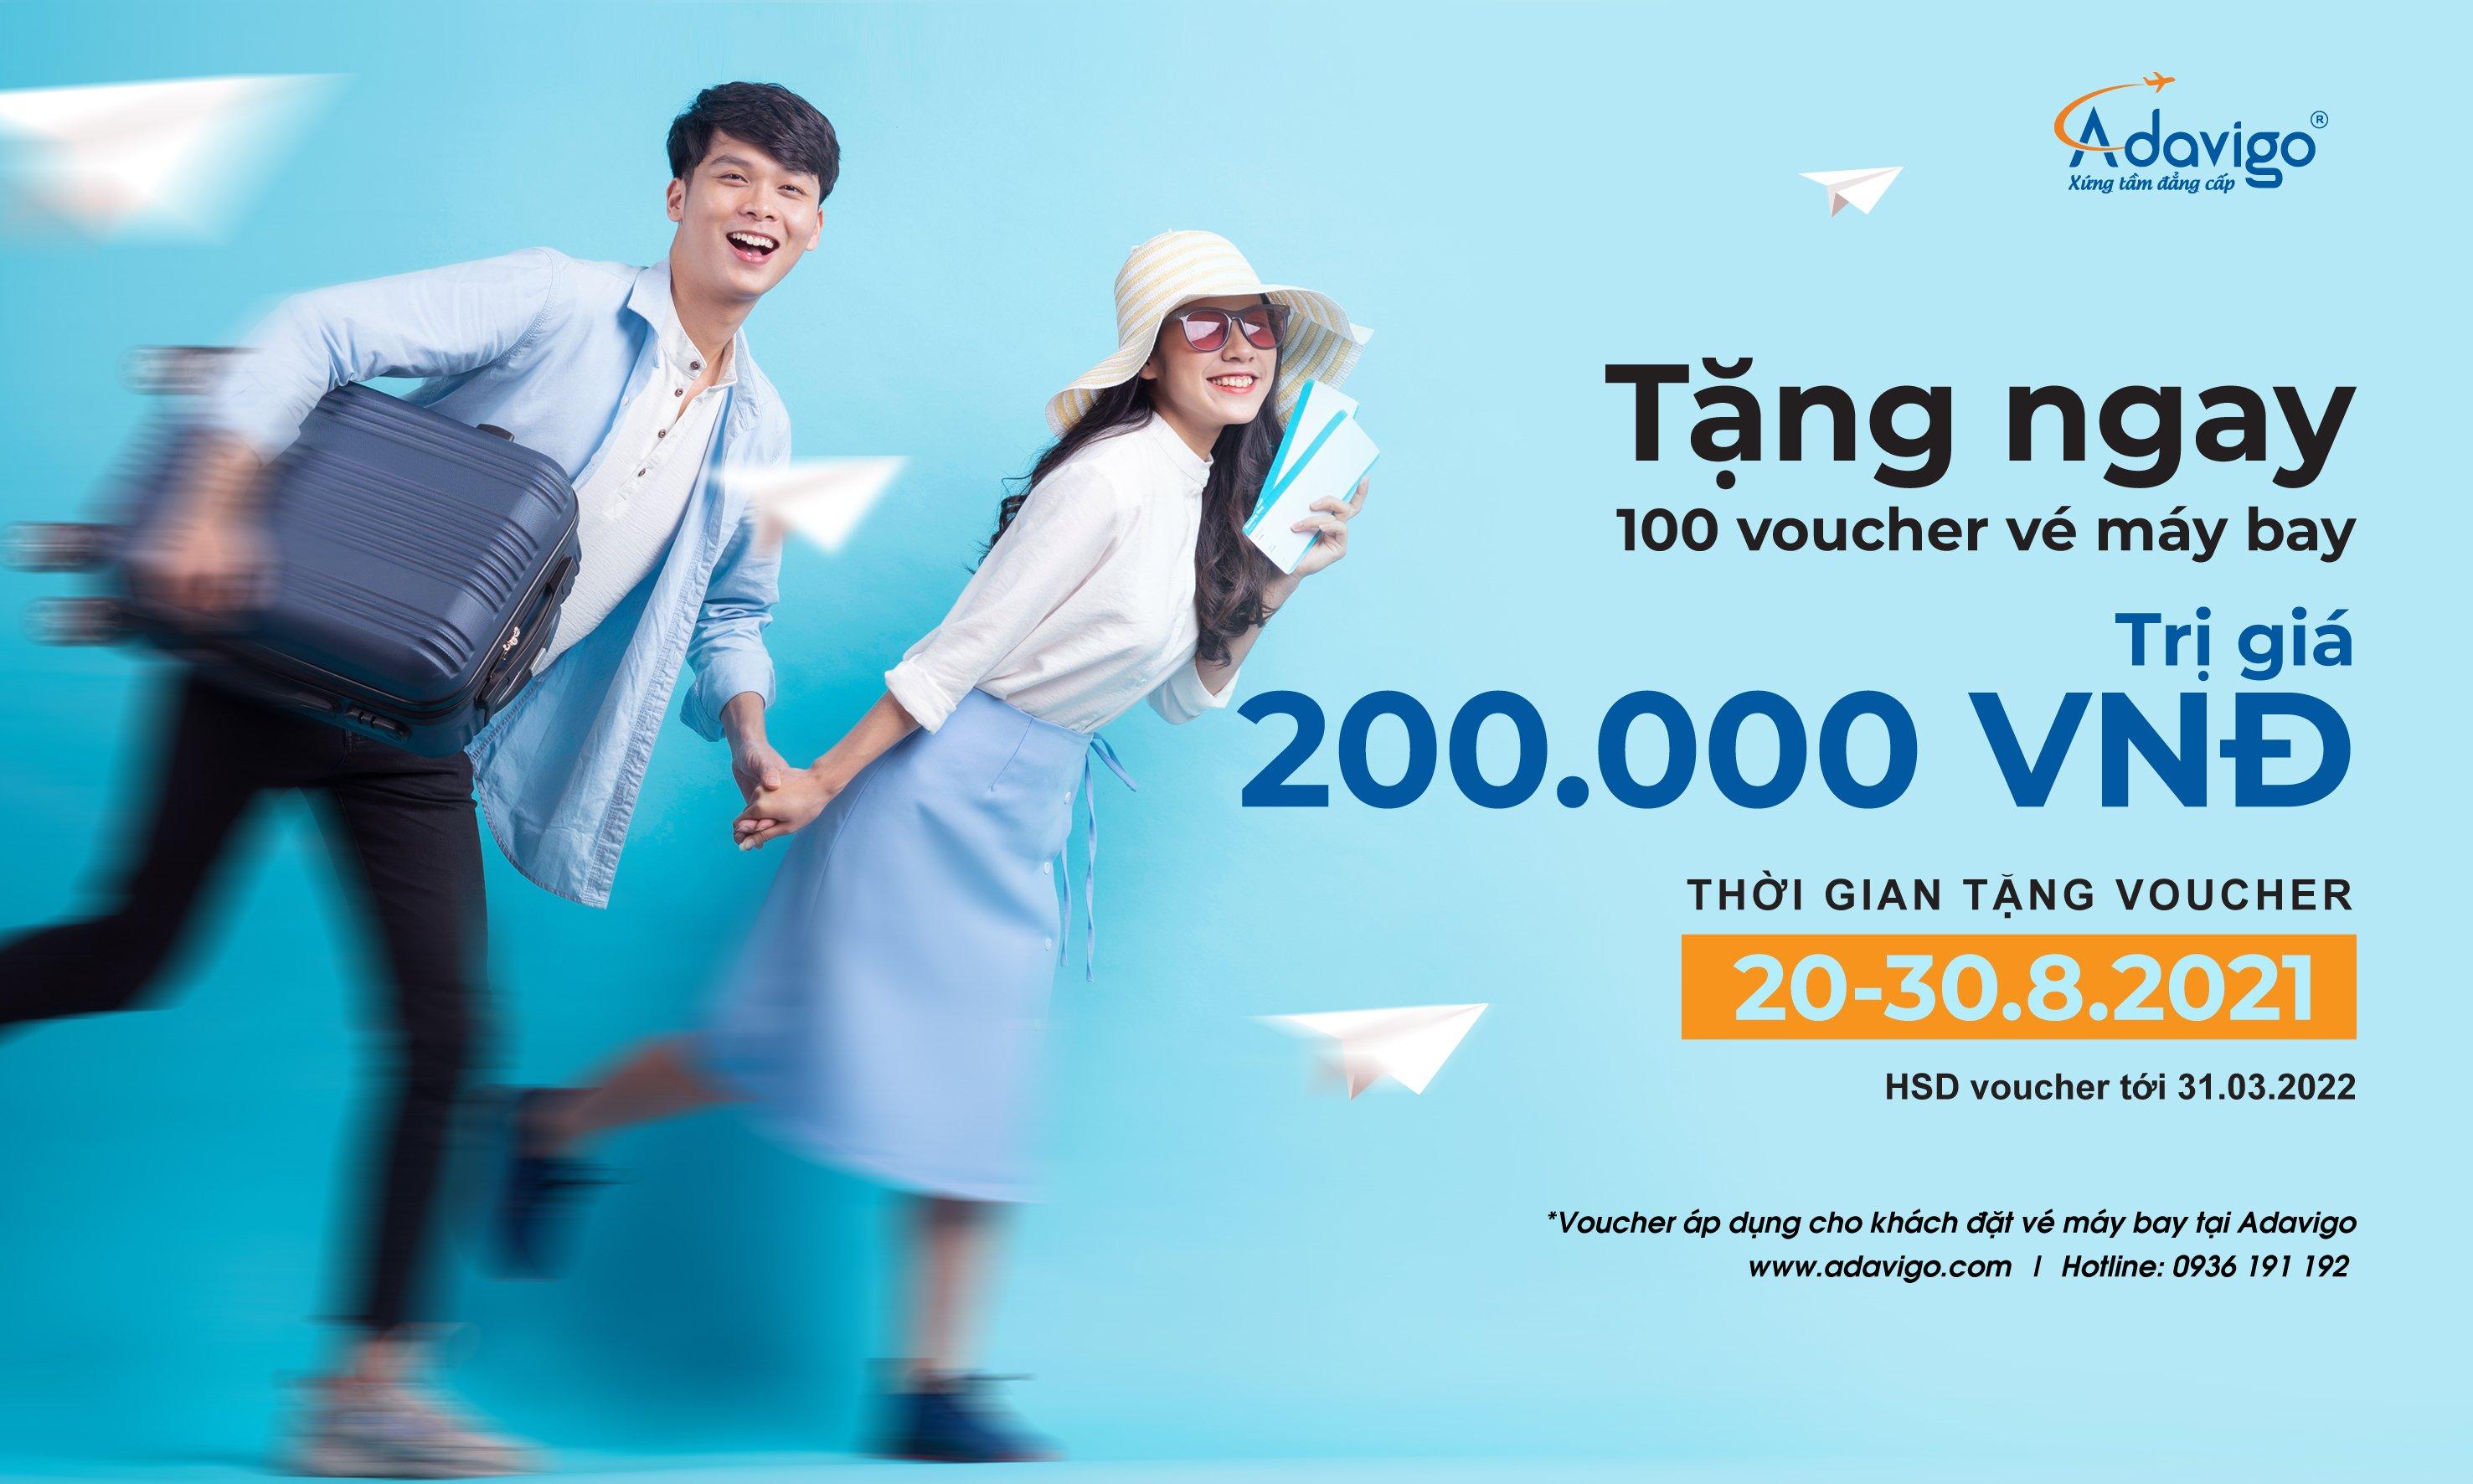 Tặng ngay voucher vé máy bay trị giá 200.000VNĐ cho 100 khách hàng nhanh tay đầu tiên